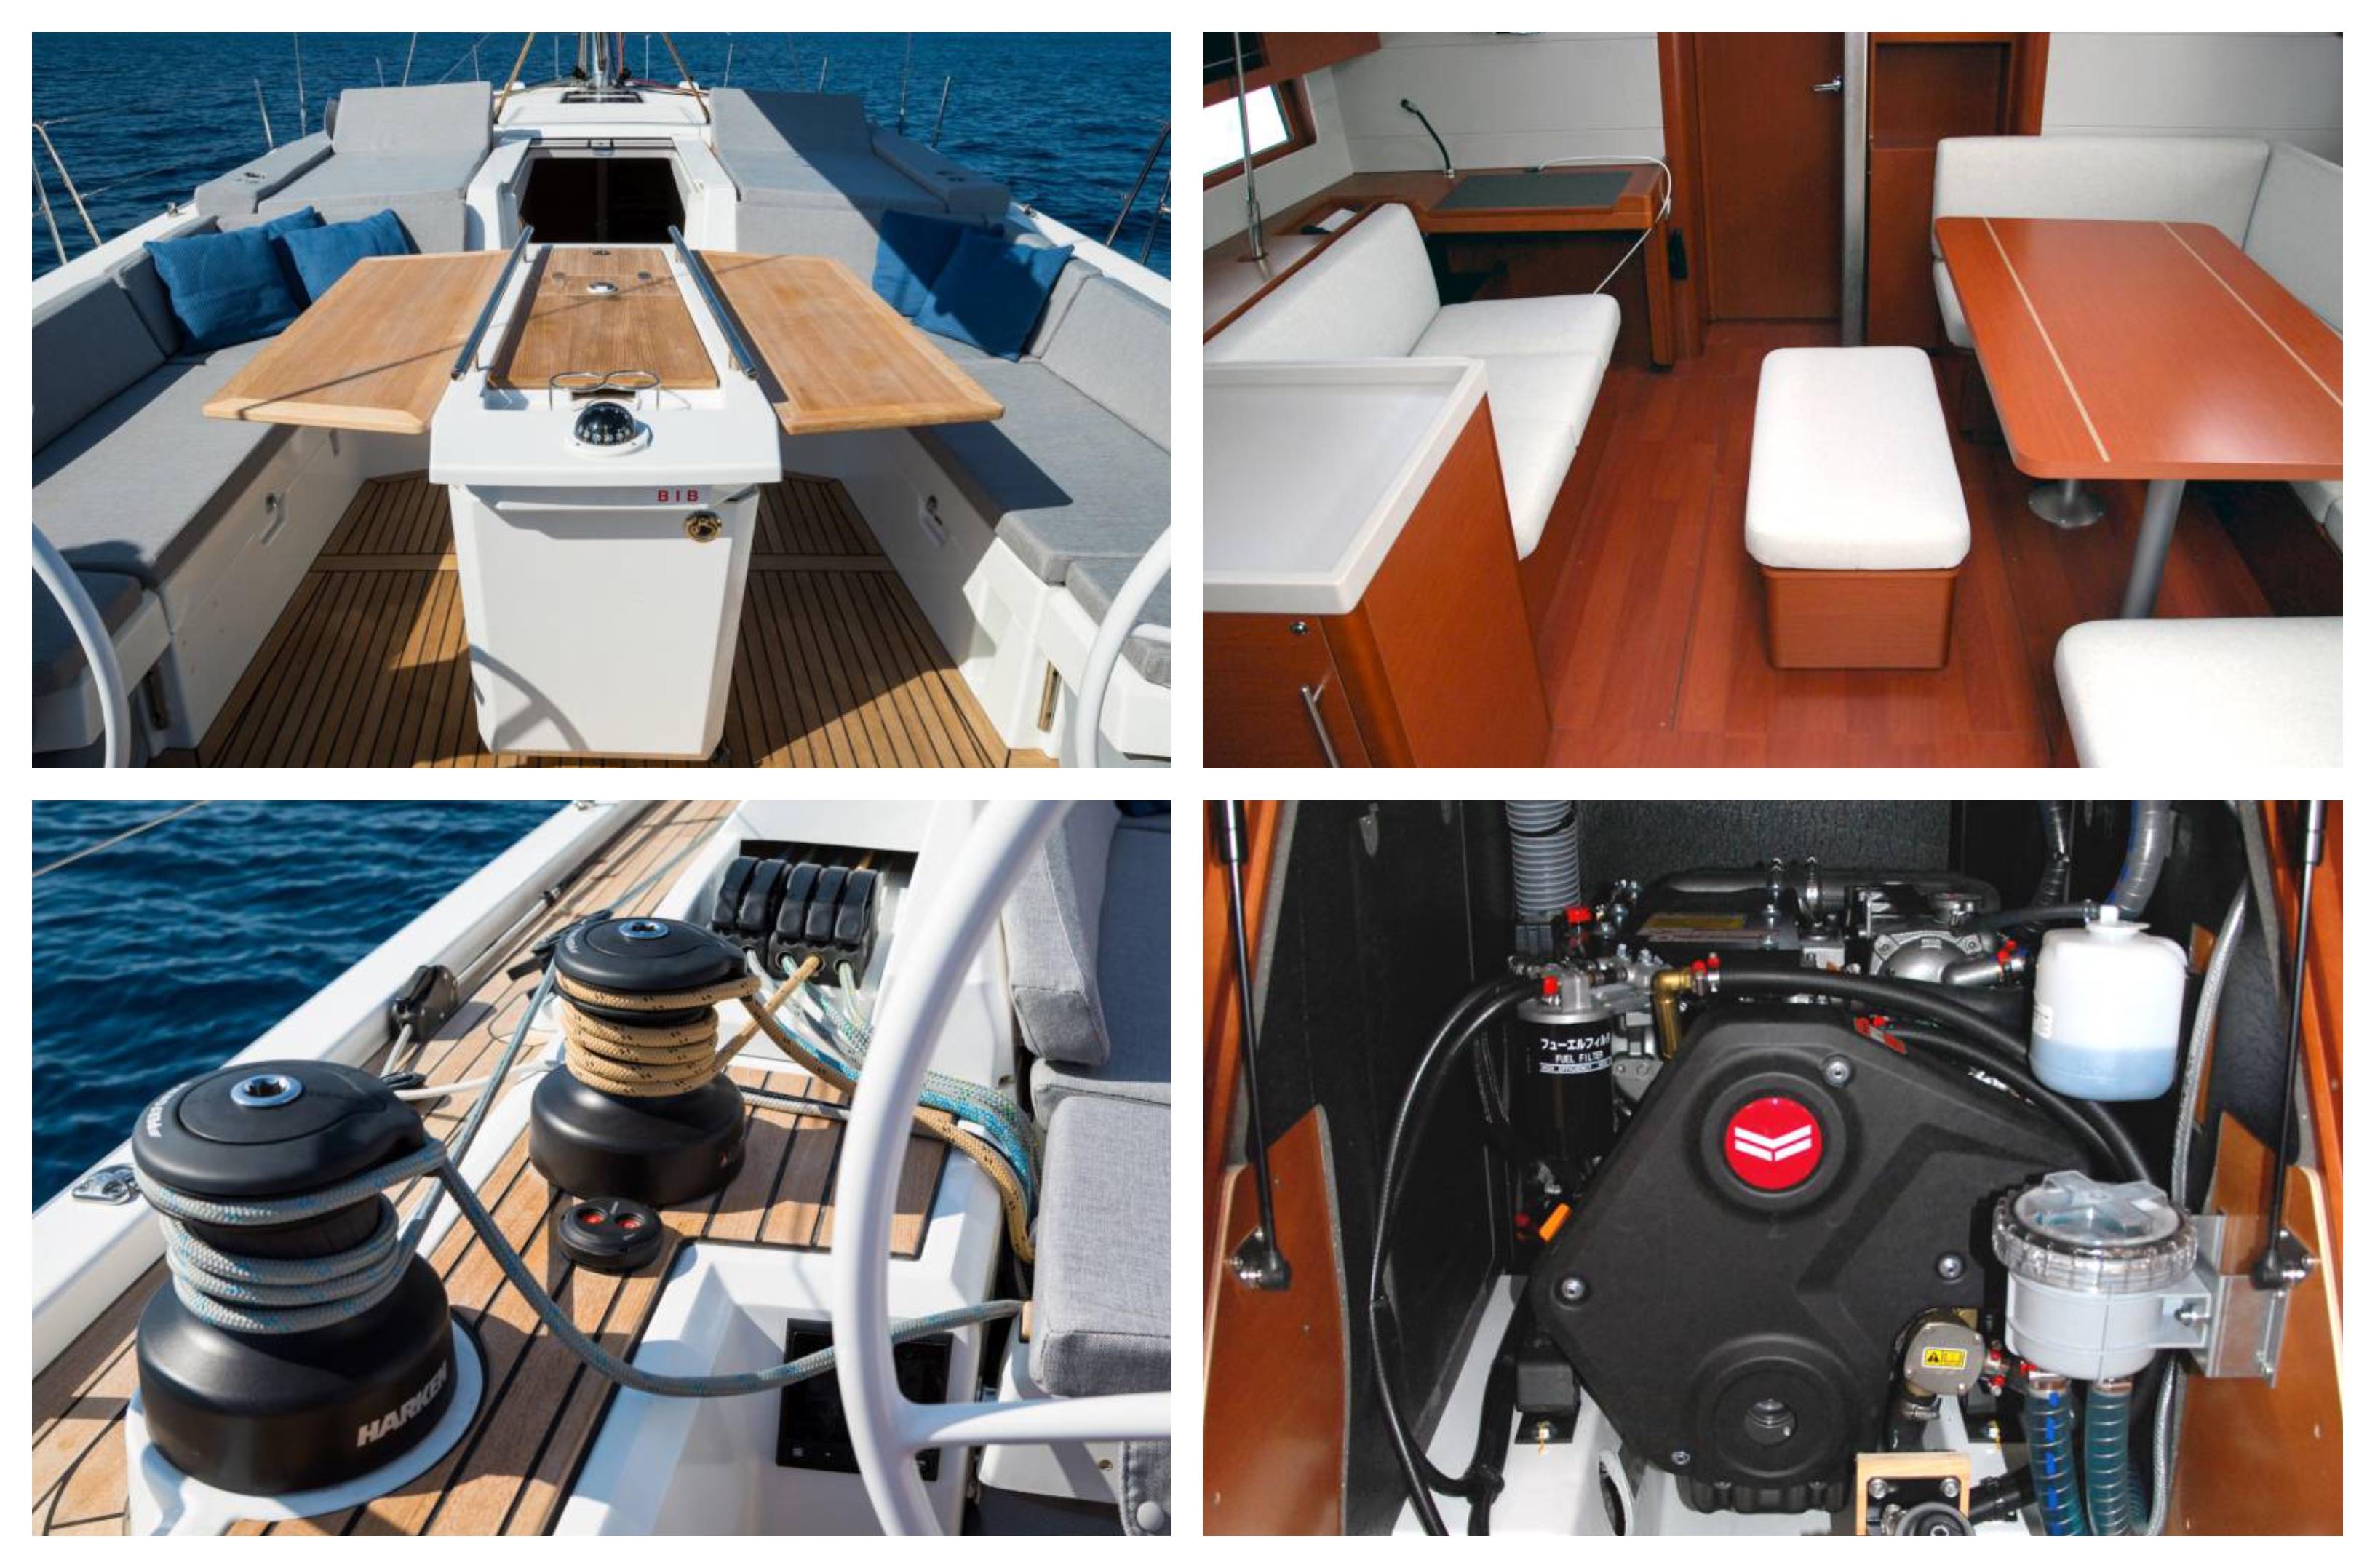 fotografias barco